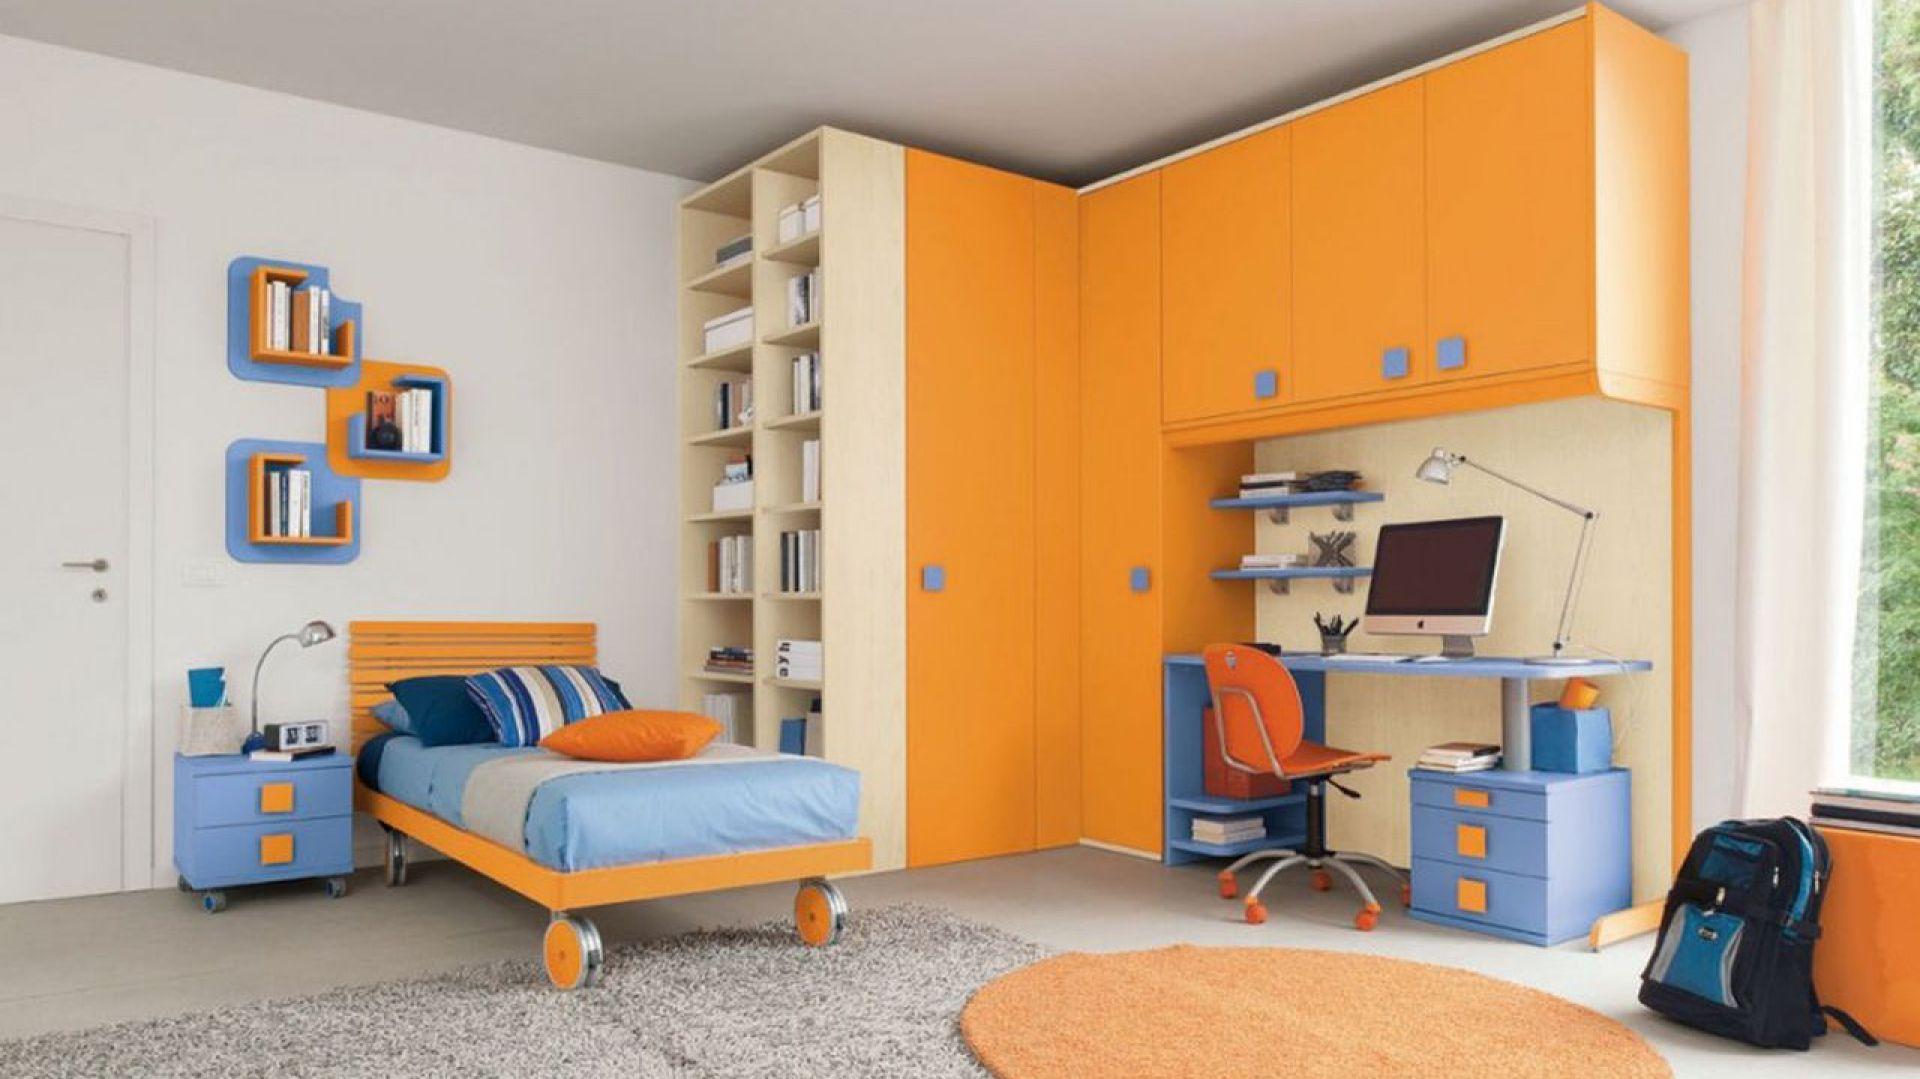 niebiesko pomara czowy pomara czowy pok j dziecka aran acje dla dziewczynki i ch opca. Black Bedroom Furniture Sets. Home Design Ideas